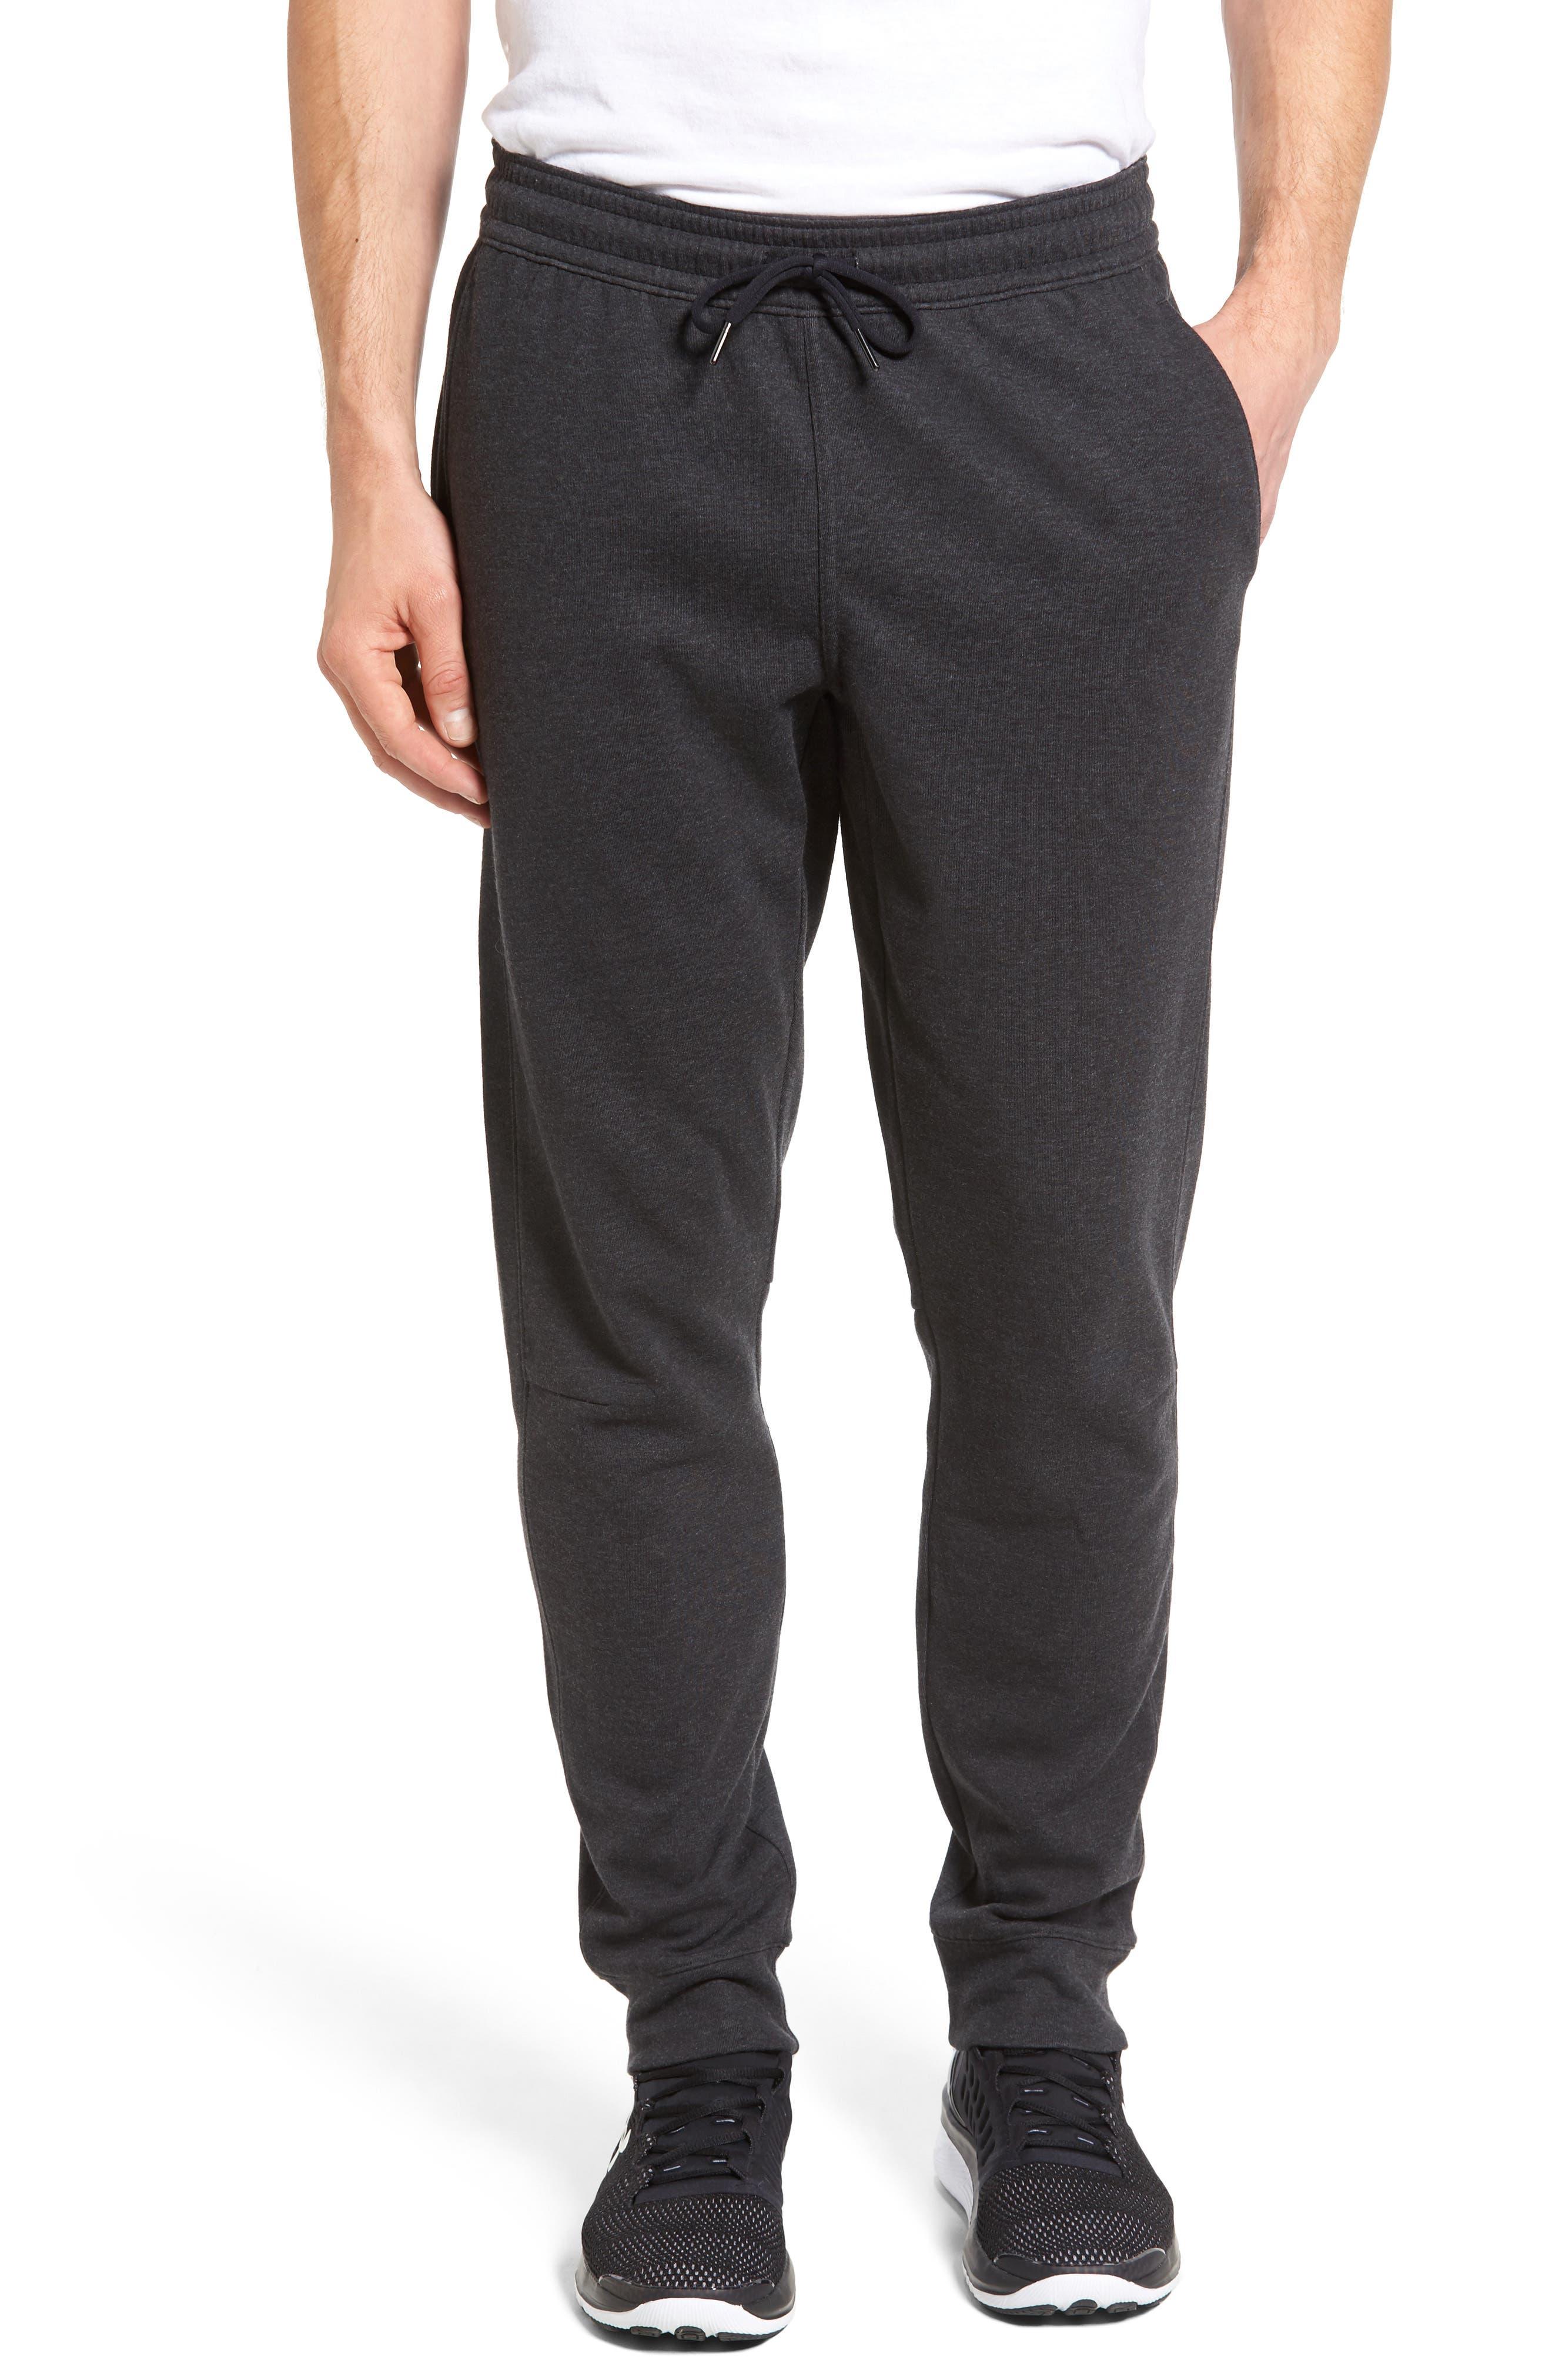 Main Image - Zella Knit Jogger Pants